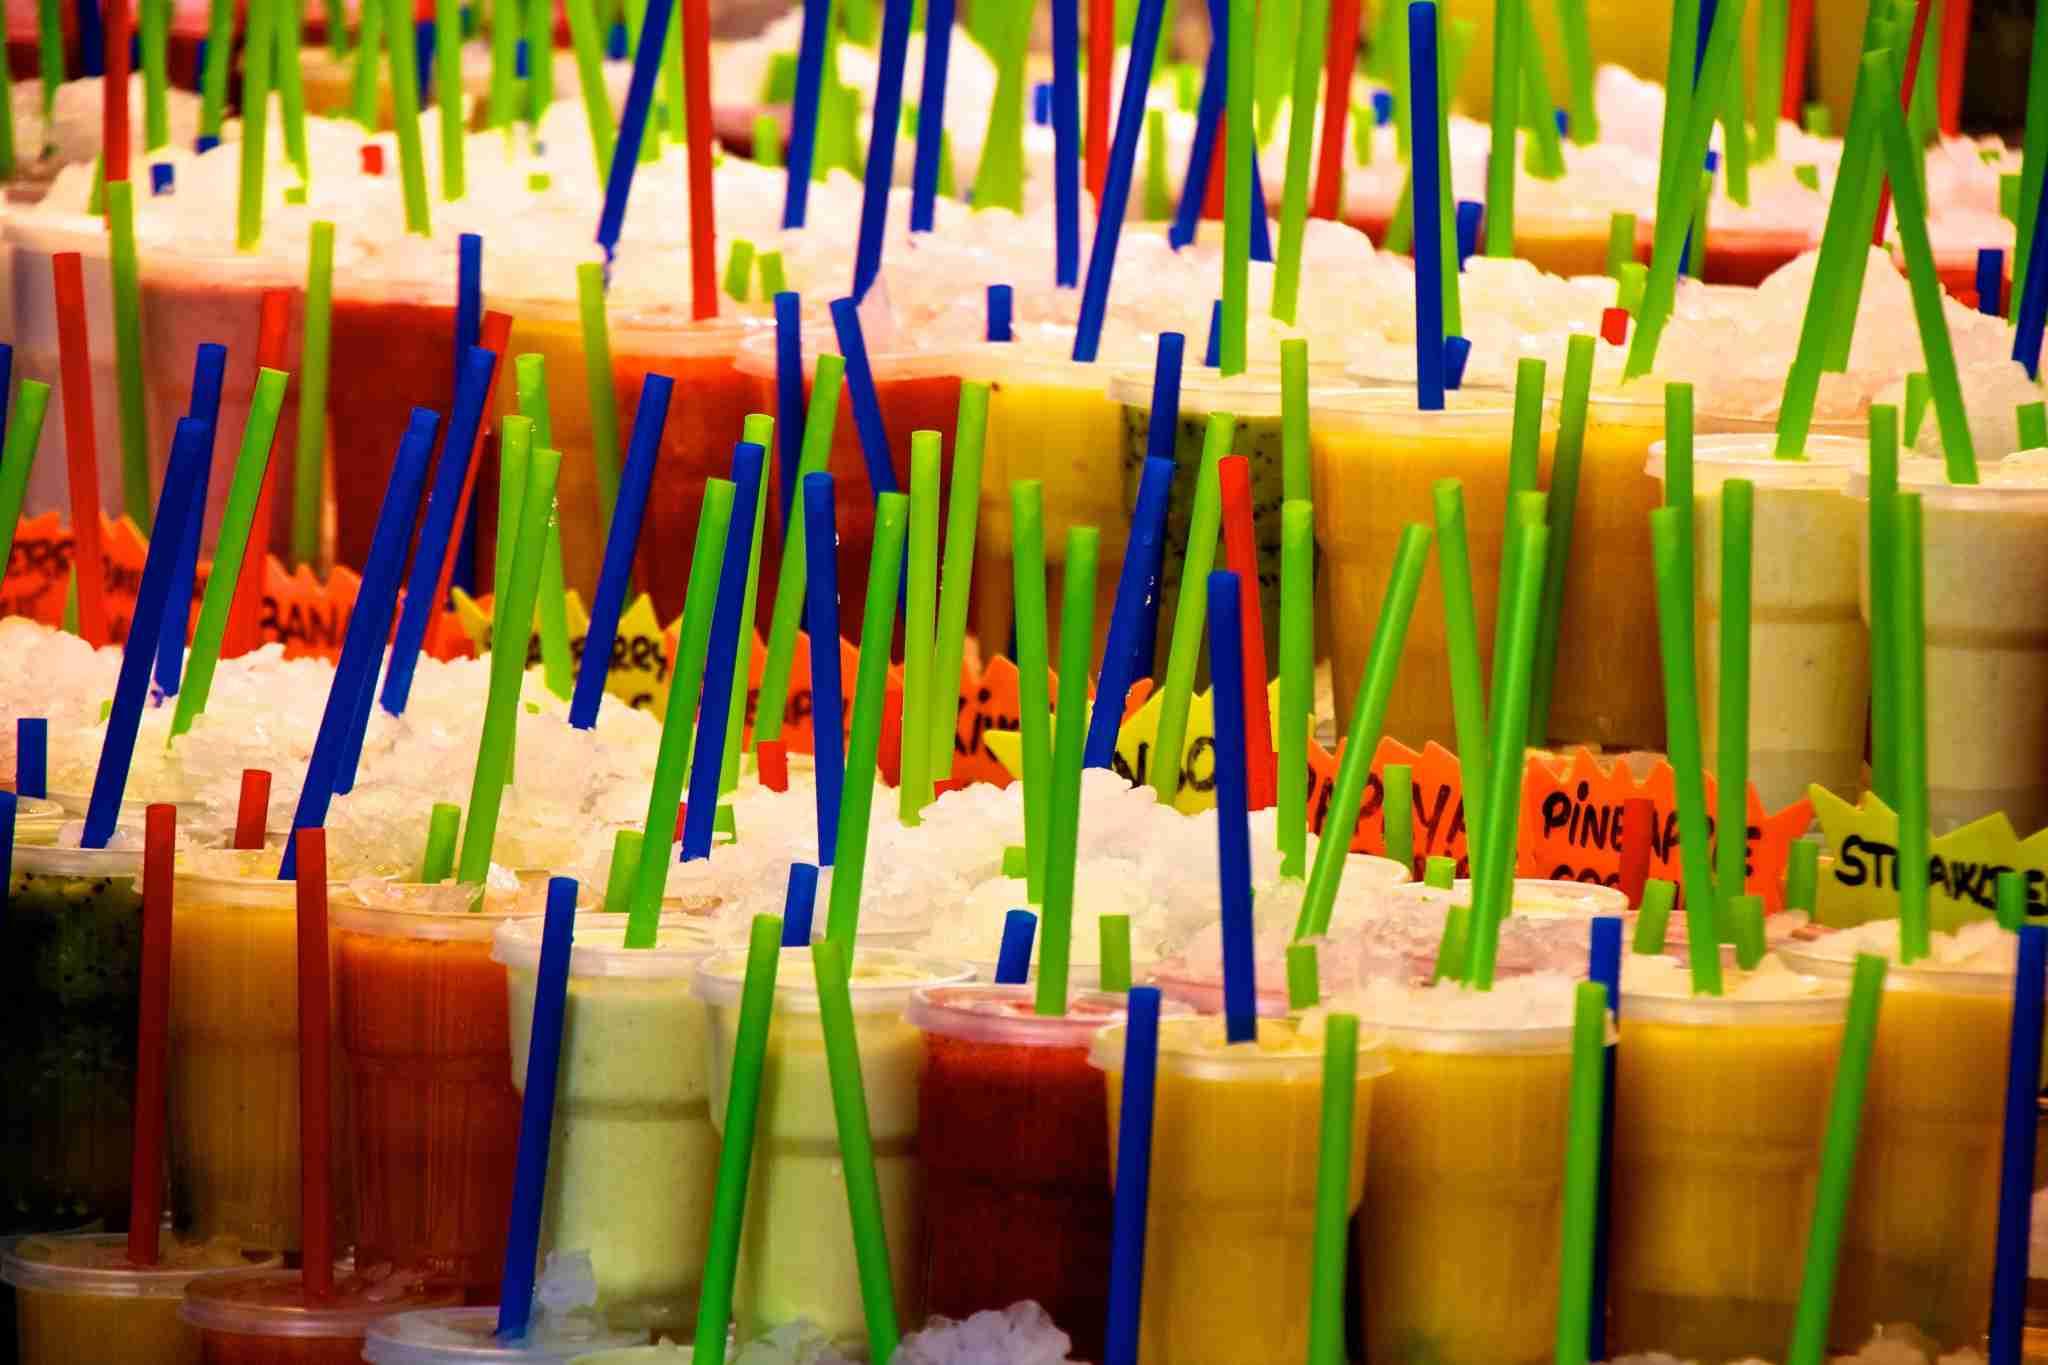 Fresh juice for sale in Barcelonas La Boqueria markets